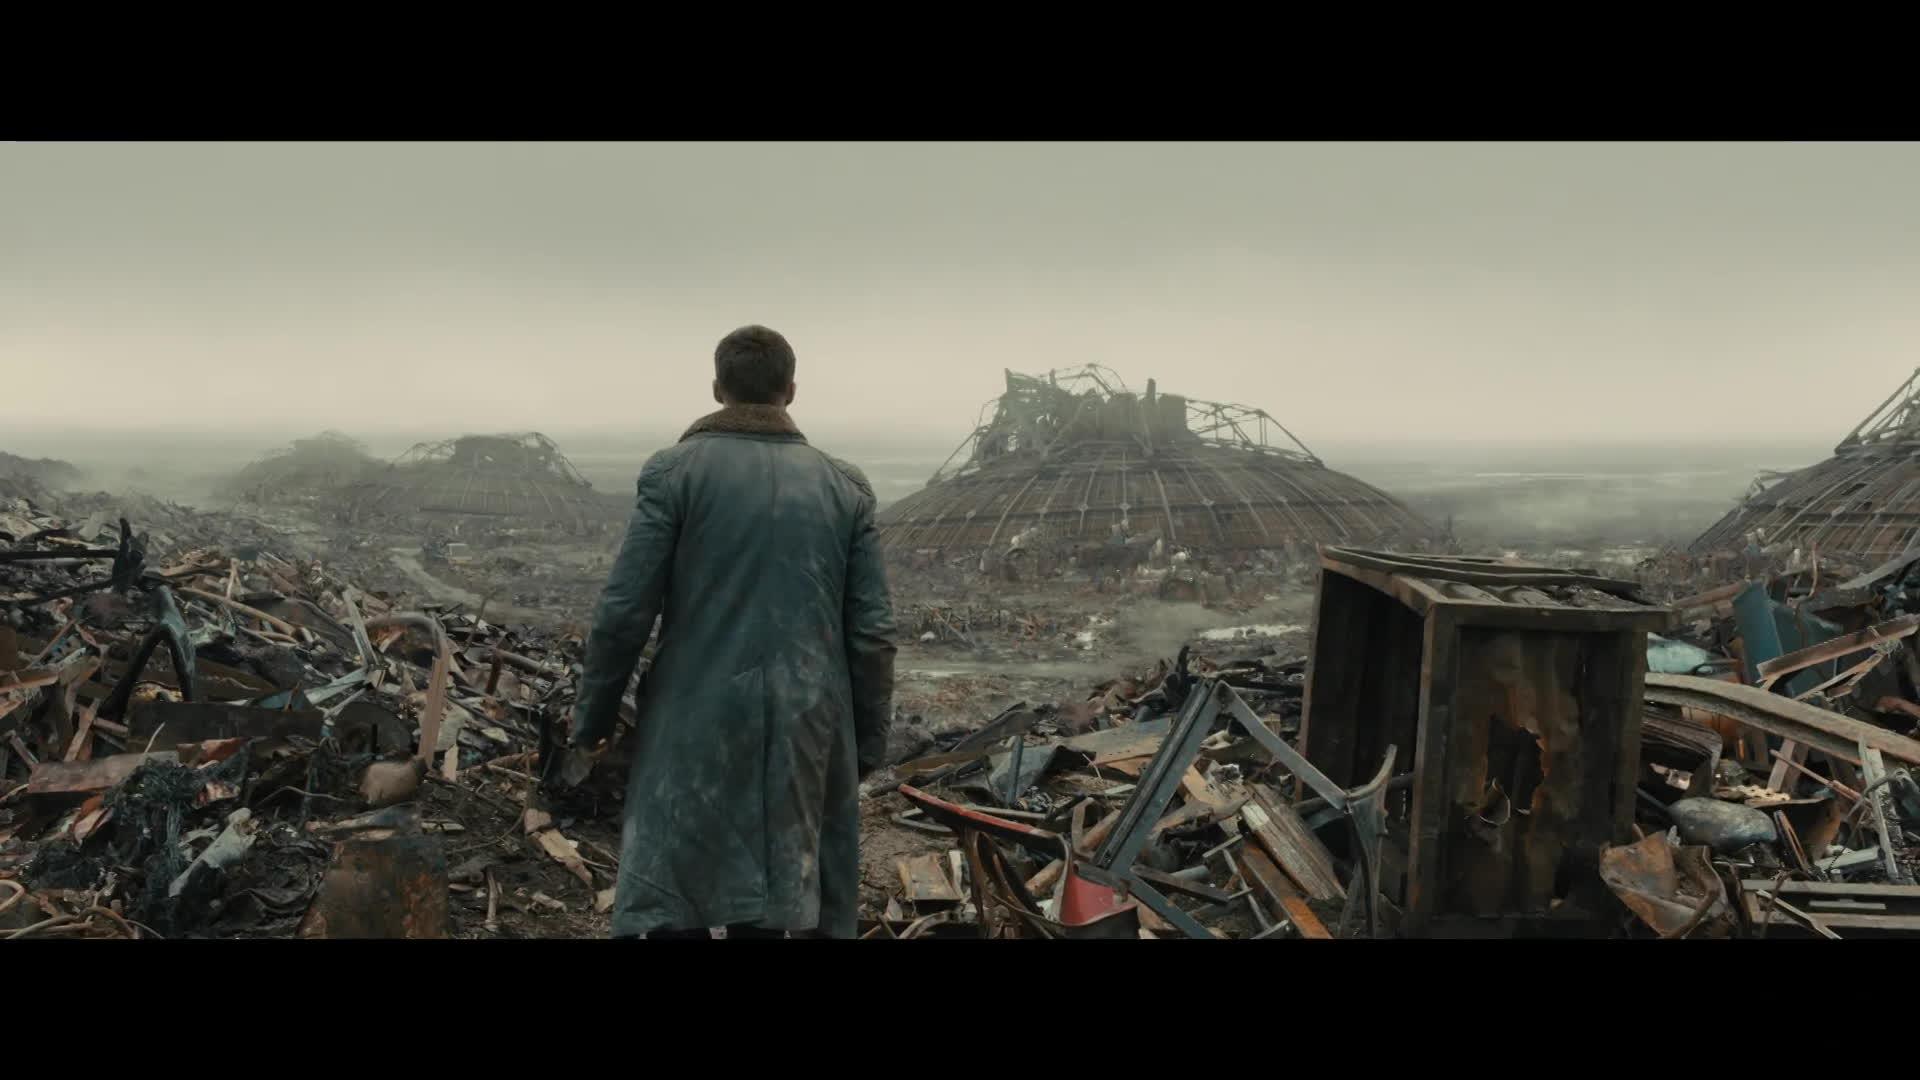 2 tiếng 43 phút có thoả mãn 35 năm chờ đợi của fan Blade Runner?